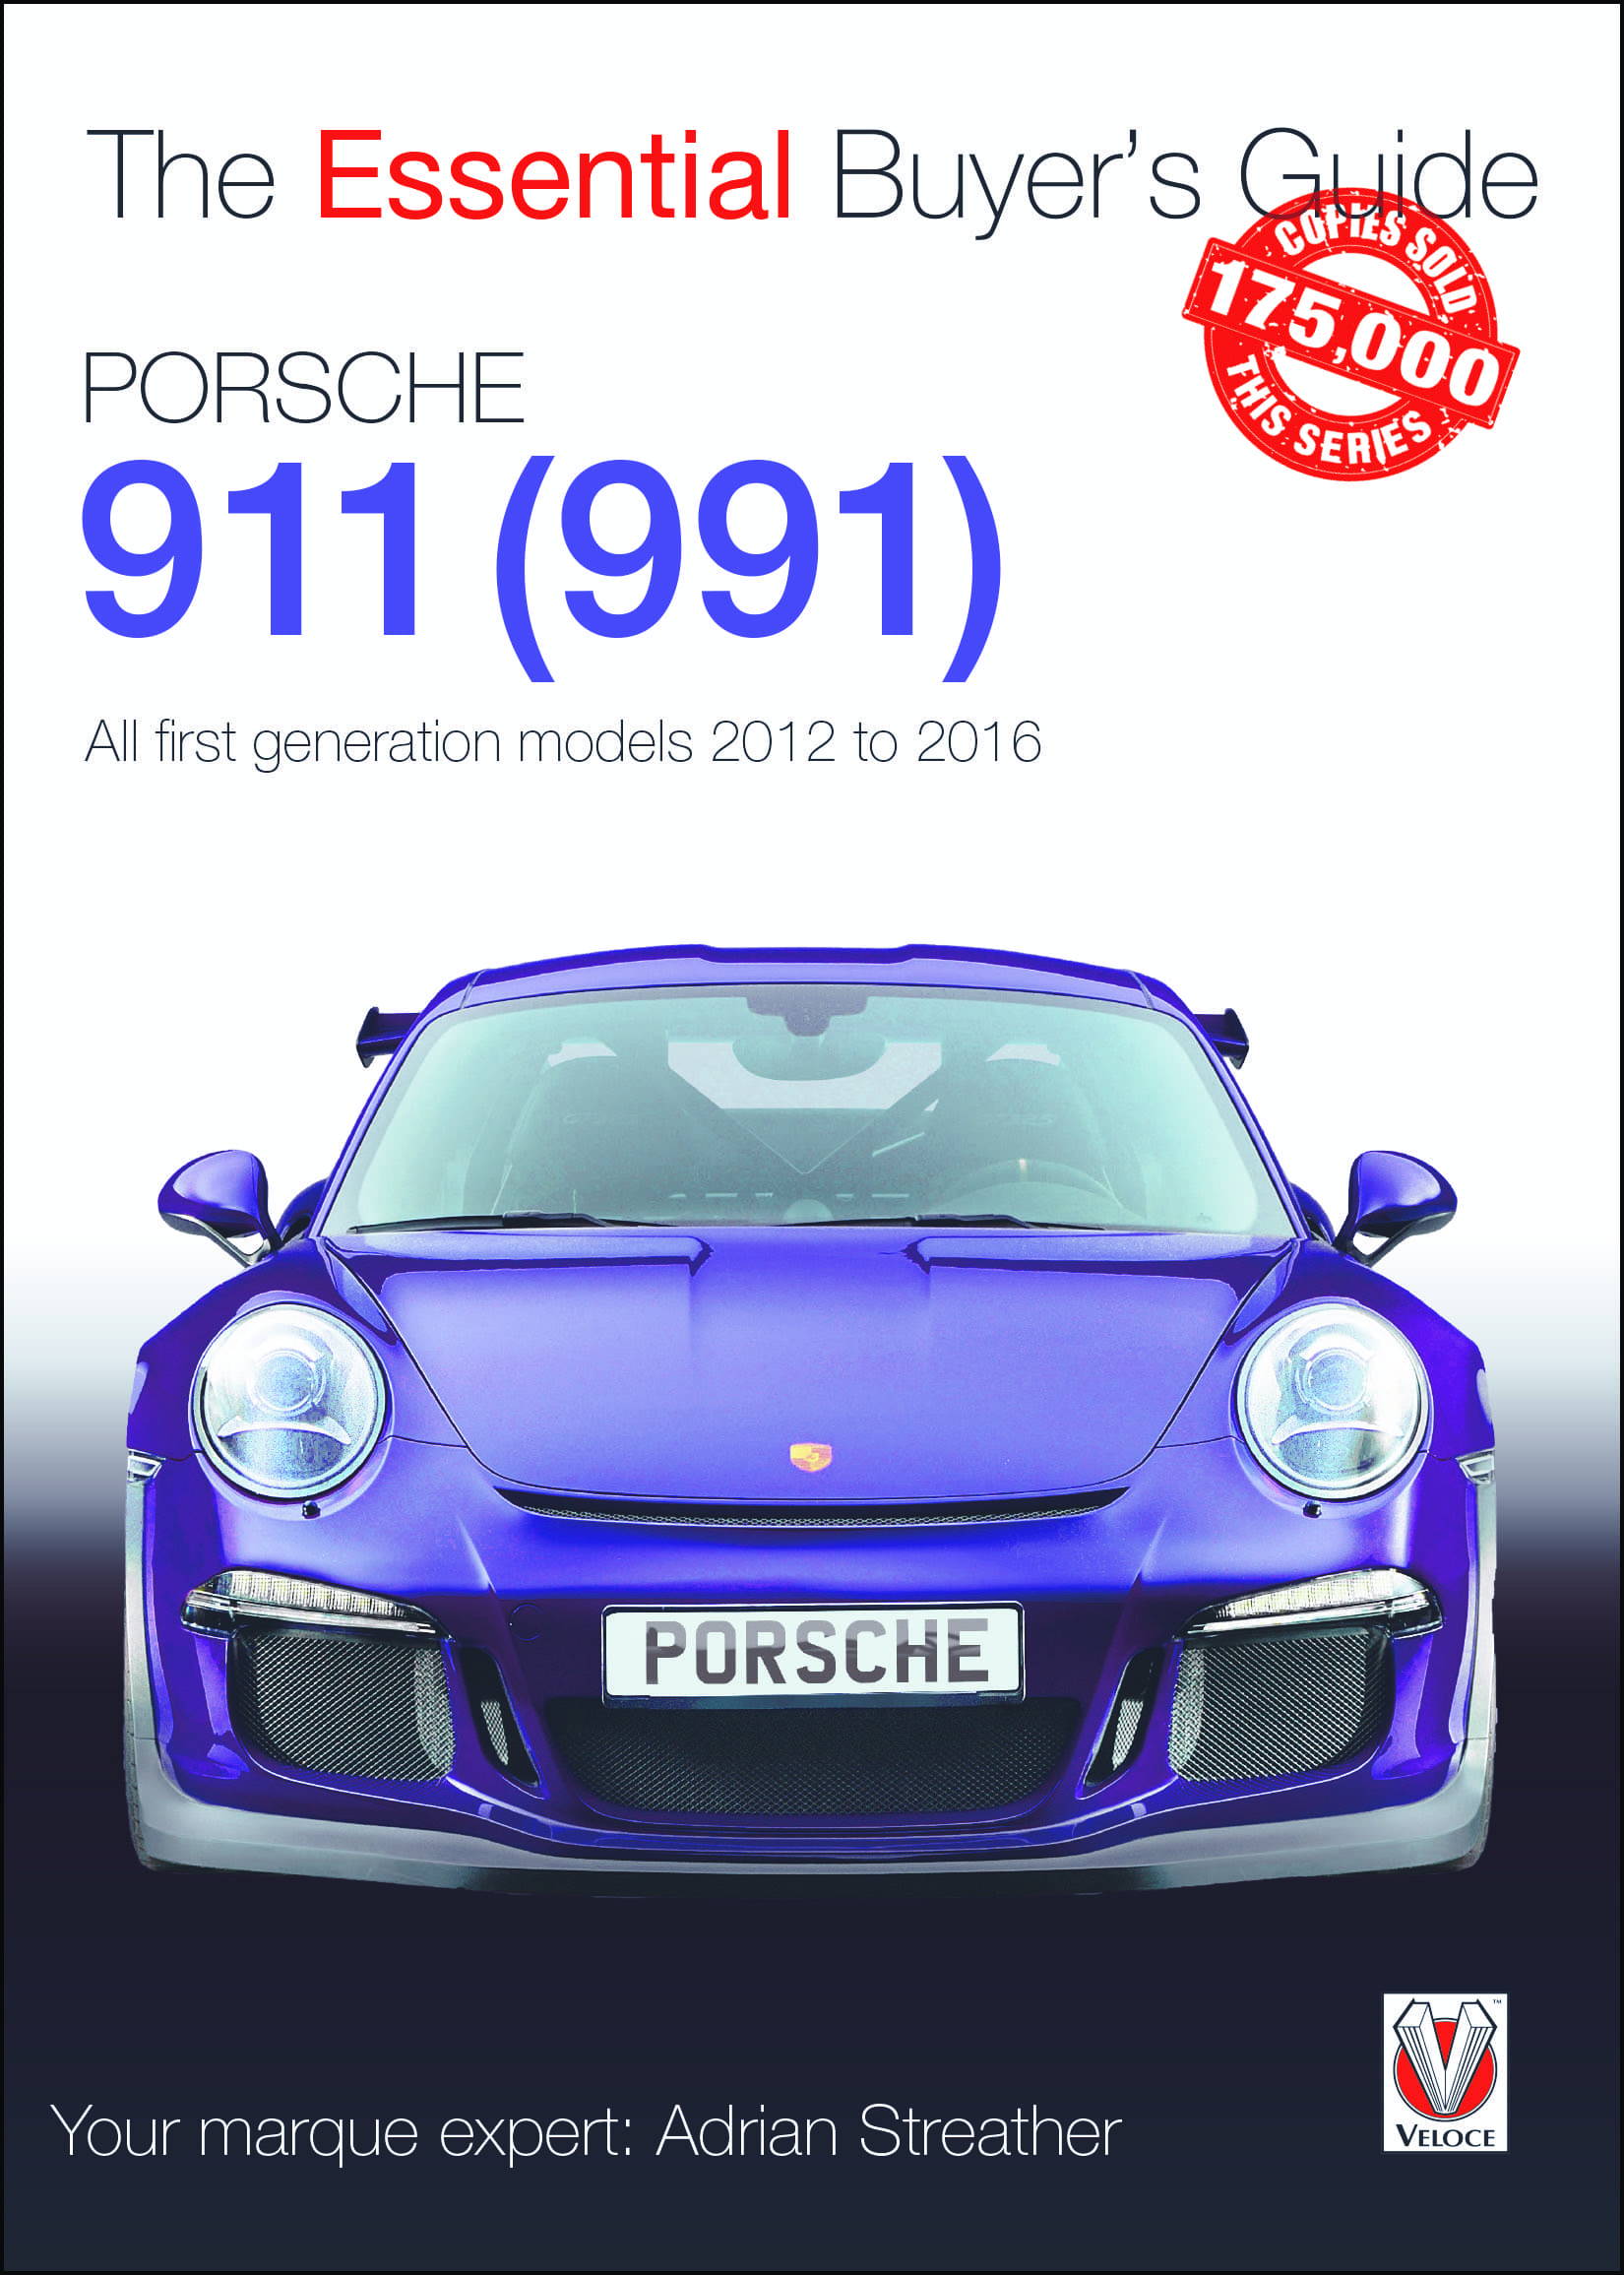 Porsche 911 (991) EBG  cover